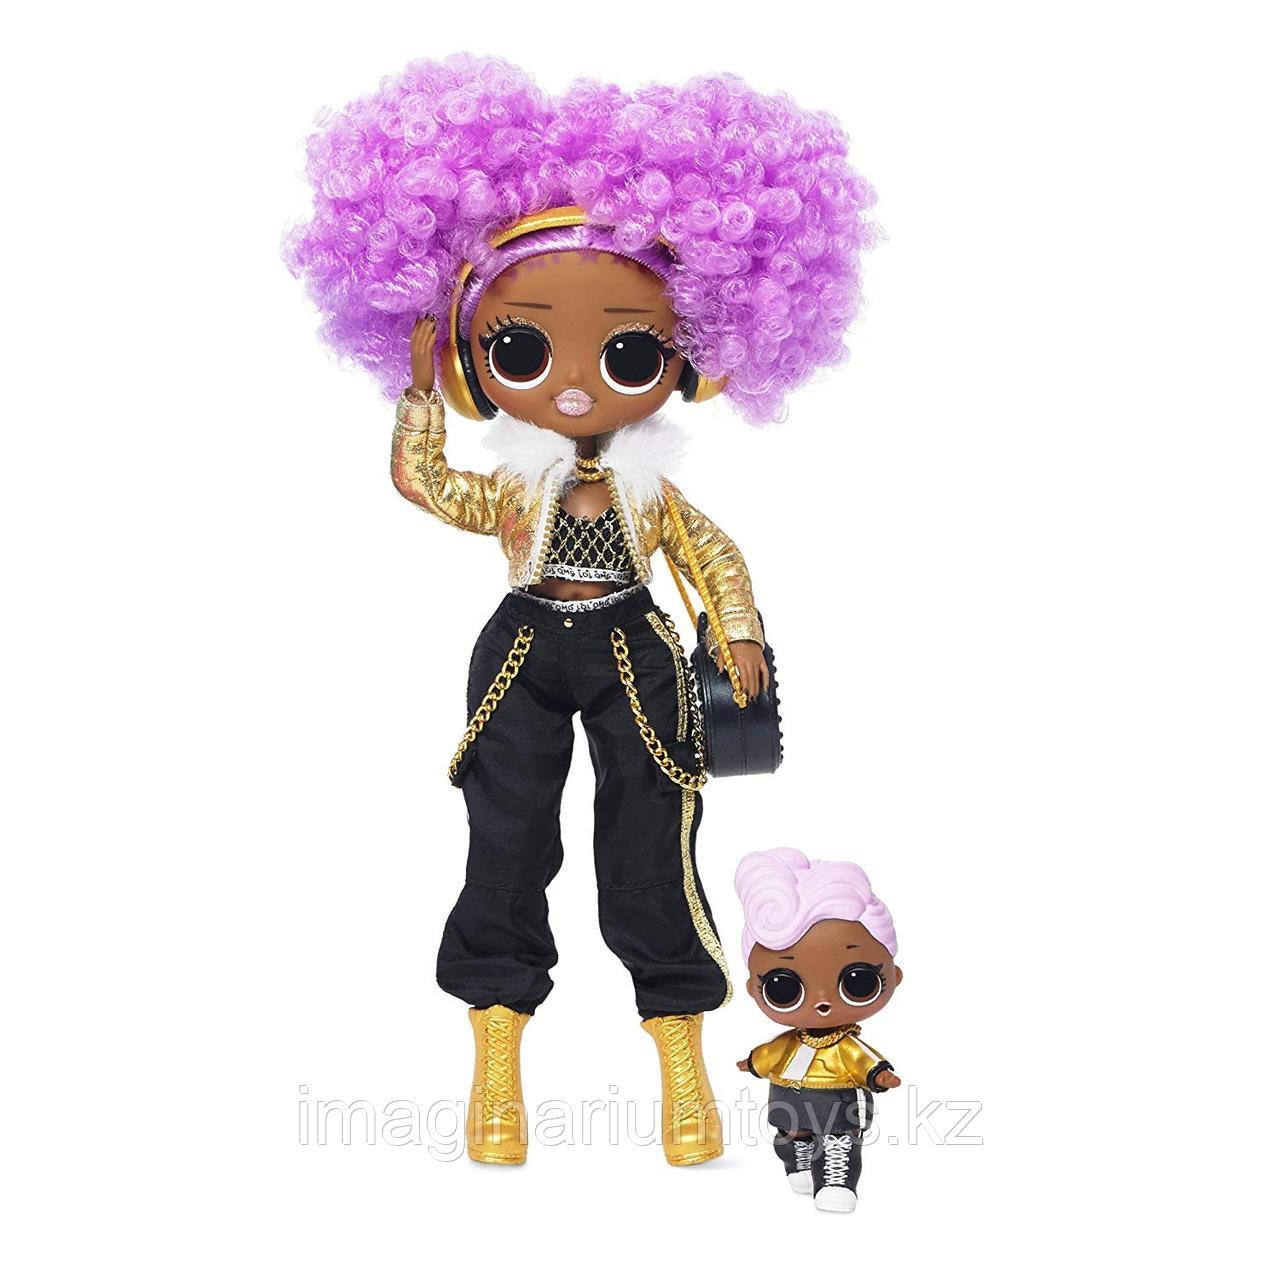 LOL OMG Зимнее Диско большая кукла ЛОЛ Диджей и ее сестренка Winter Disco